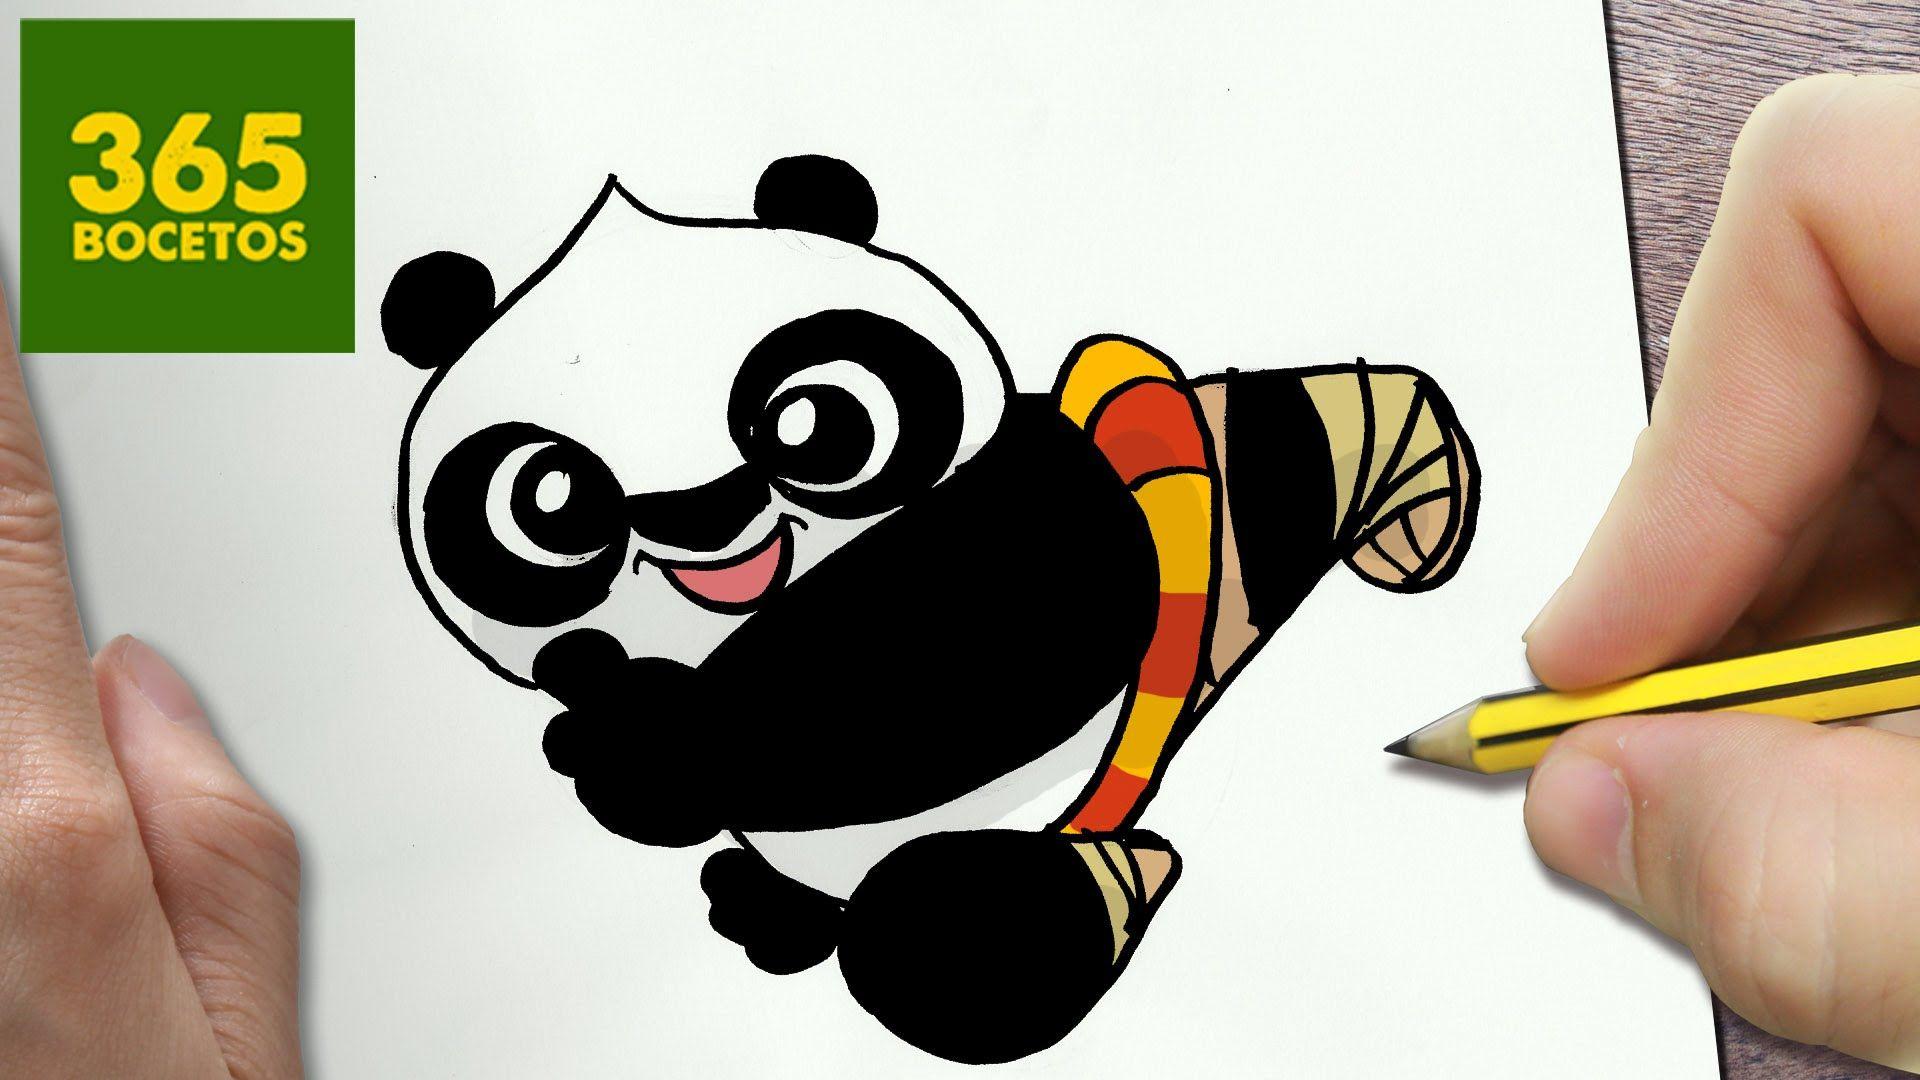 Como Dibujar Kung Fu Panda 3 Kawaii Paso A Paso Dibujos Faciles How Dibujos Kawaii Garabatos Kawaii Dibujos Kawaii 365